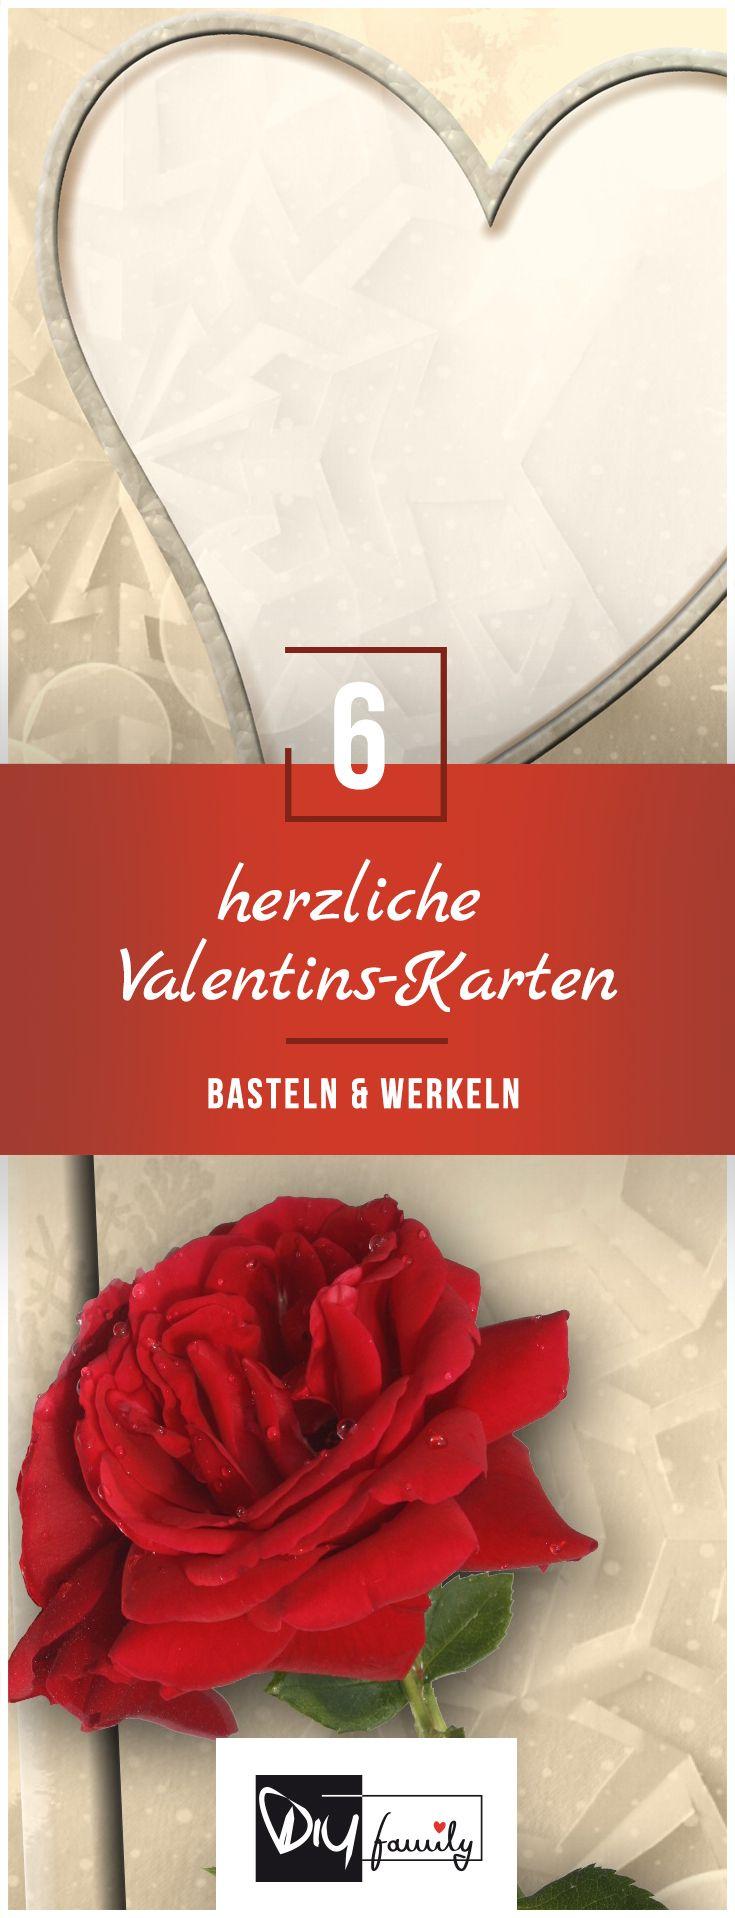 Valentinstags-Karten - die 6 originellsten herzlichen Ideen